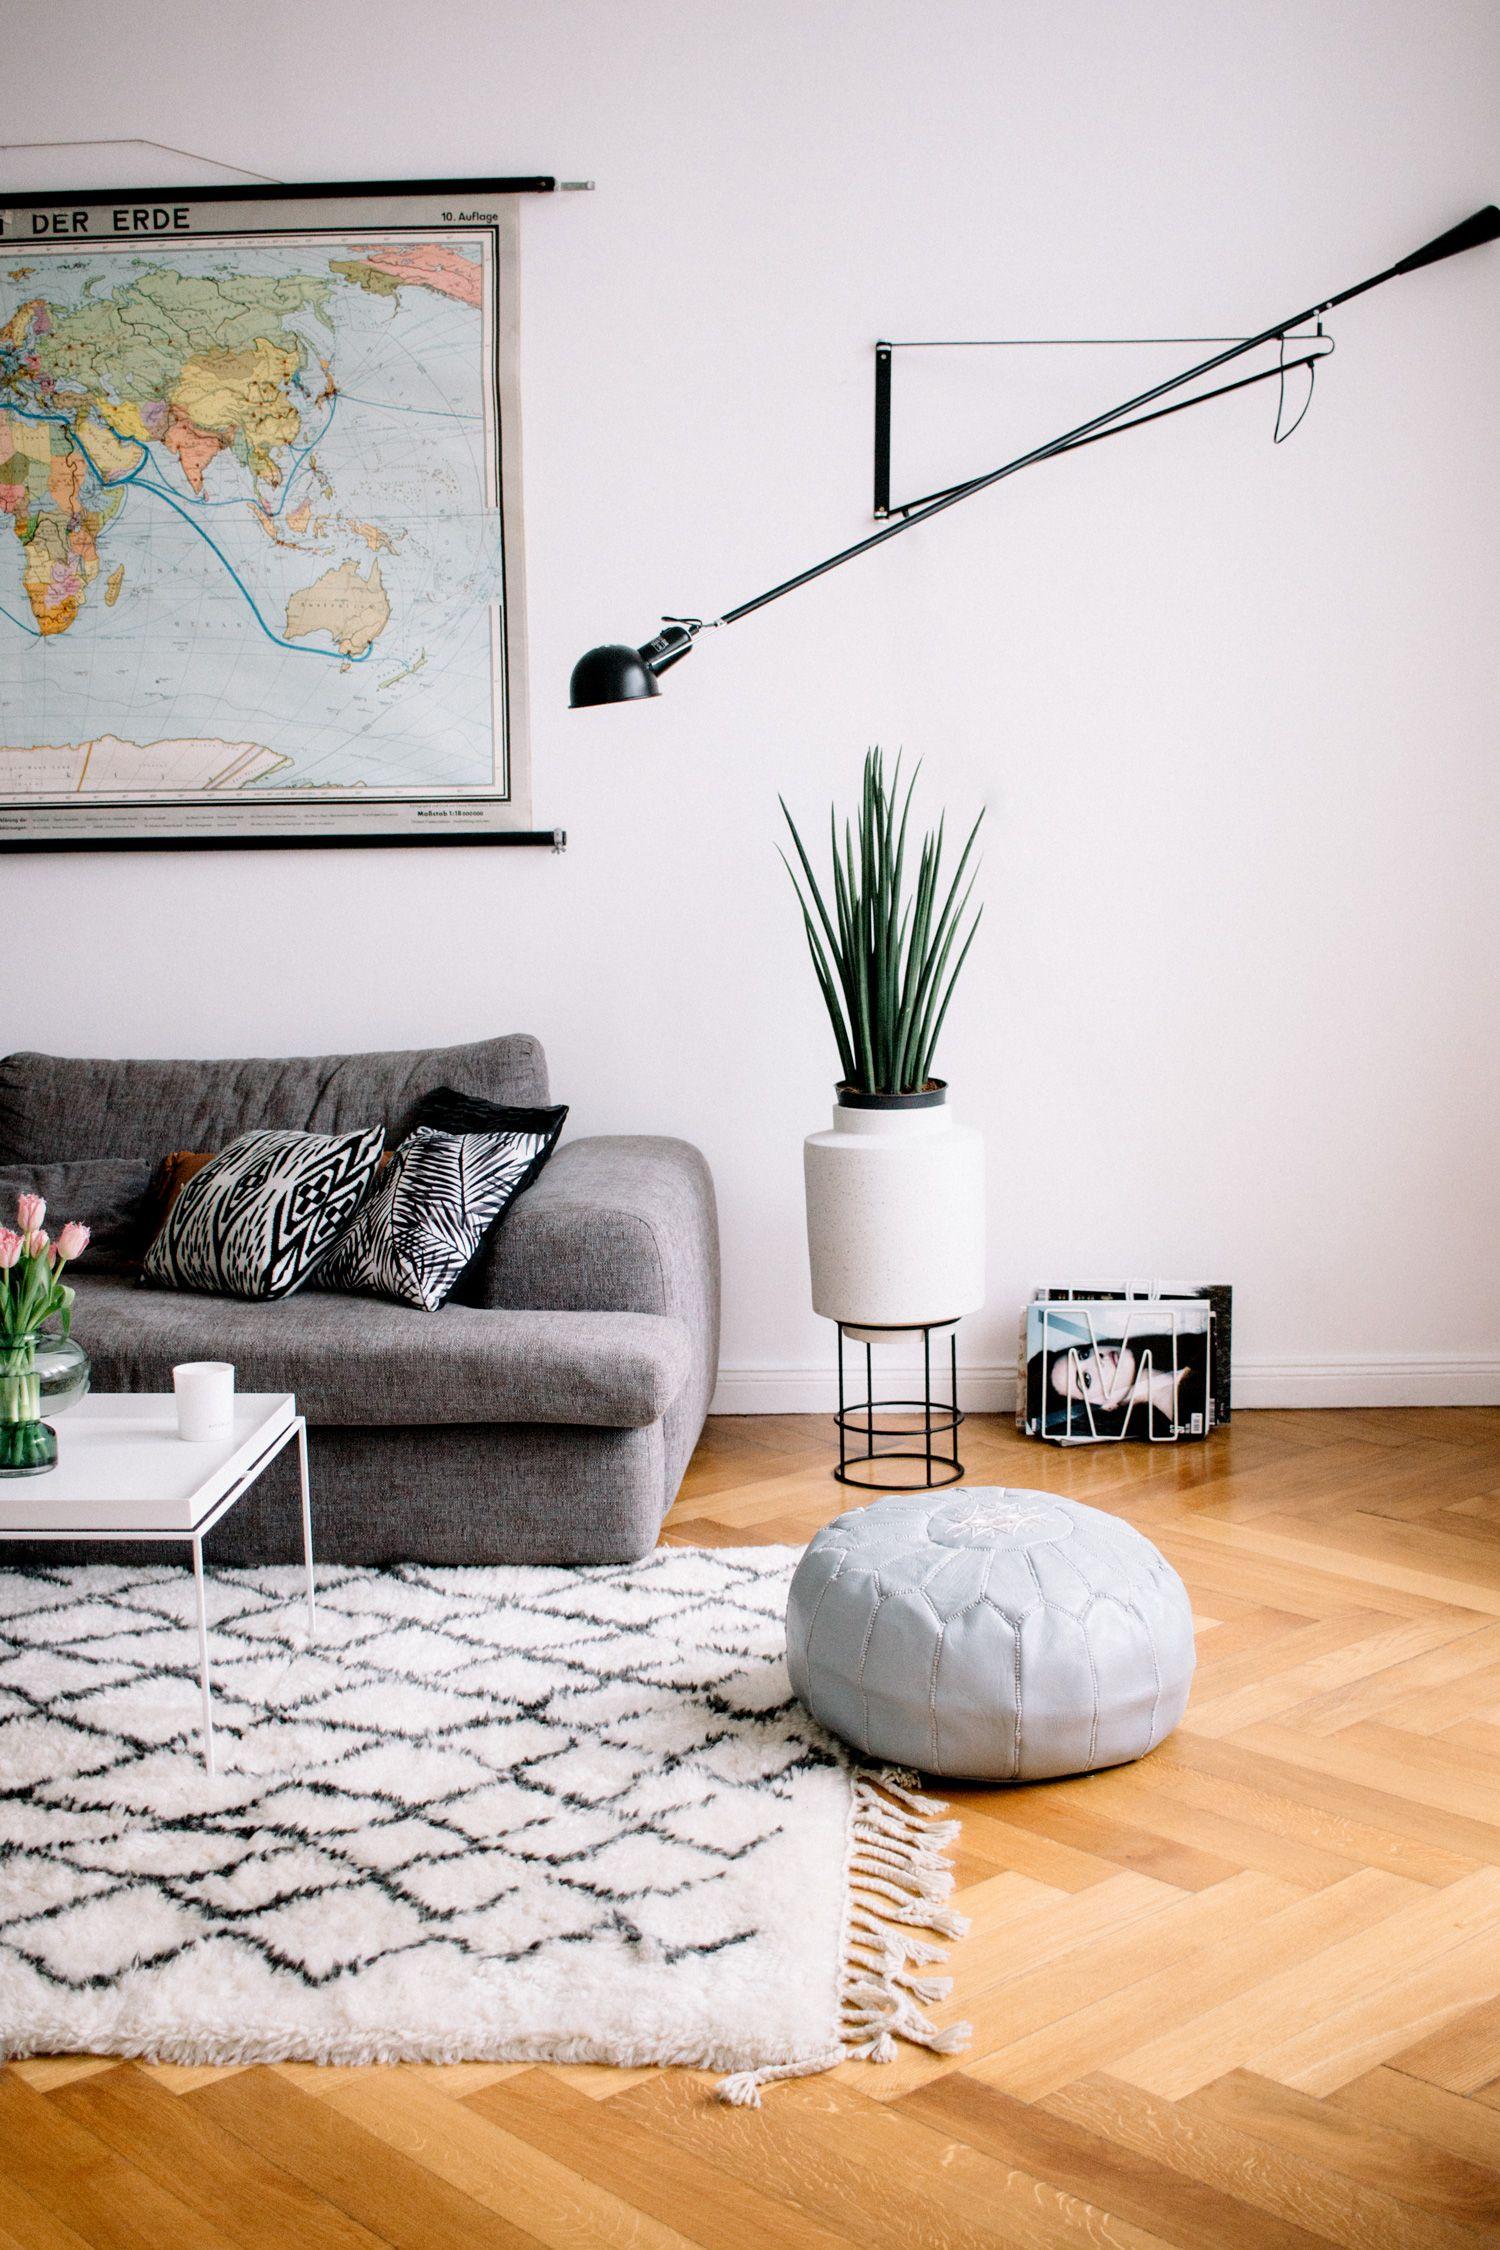 Living Room Find More Pictures Of My Berlin Apartment In Mitte On My Blog Flos 265 Berberteppich The Mit Bildern Teppich Wohnzimmer Zimmerdekoration Wohnzimmer Dekor